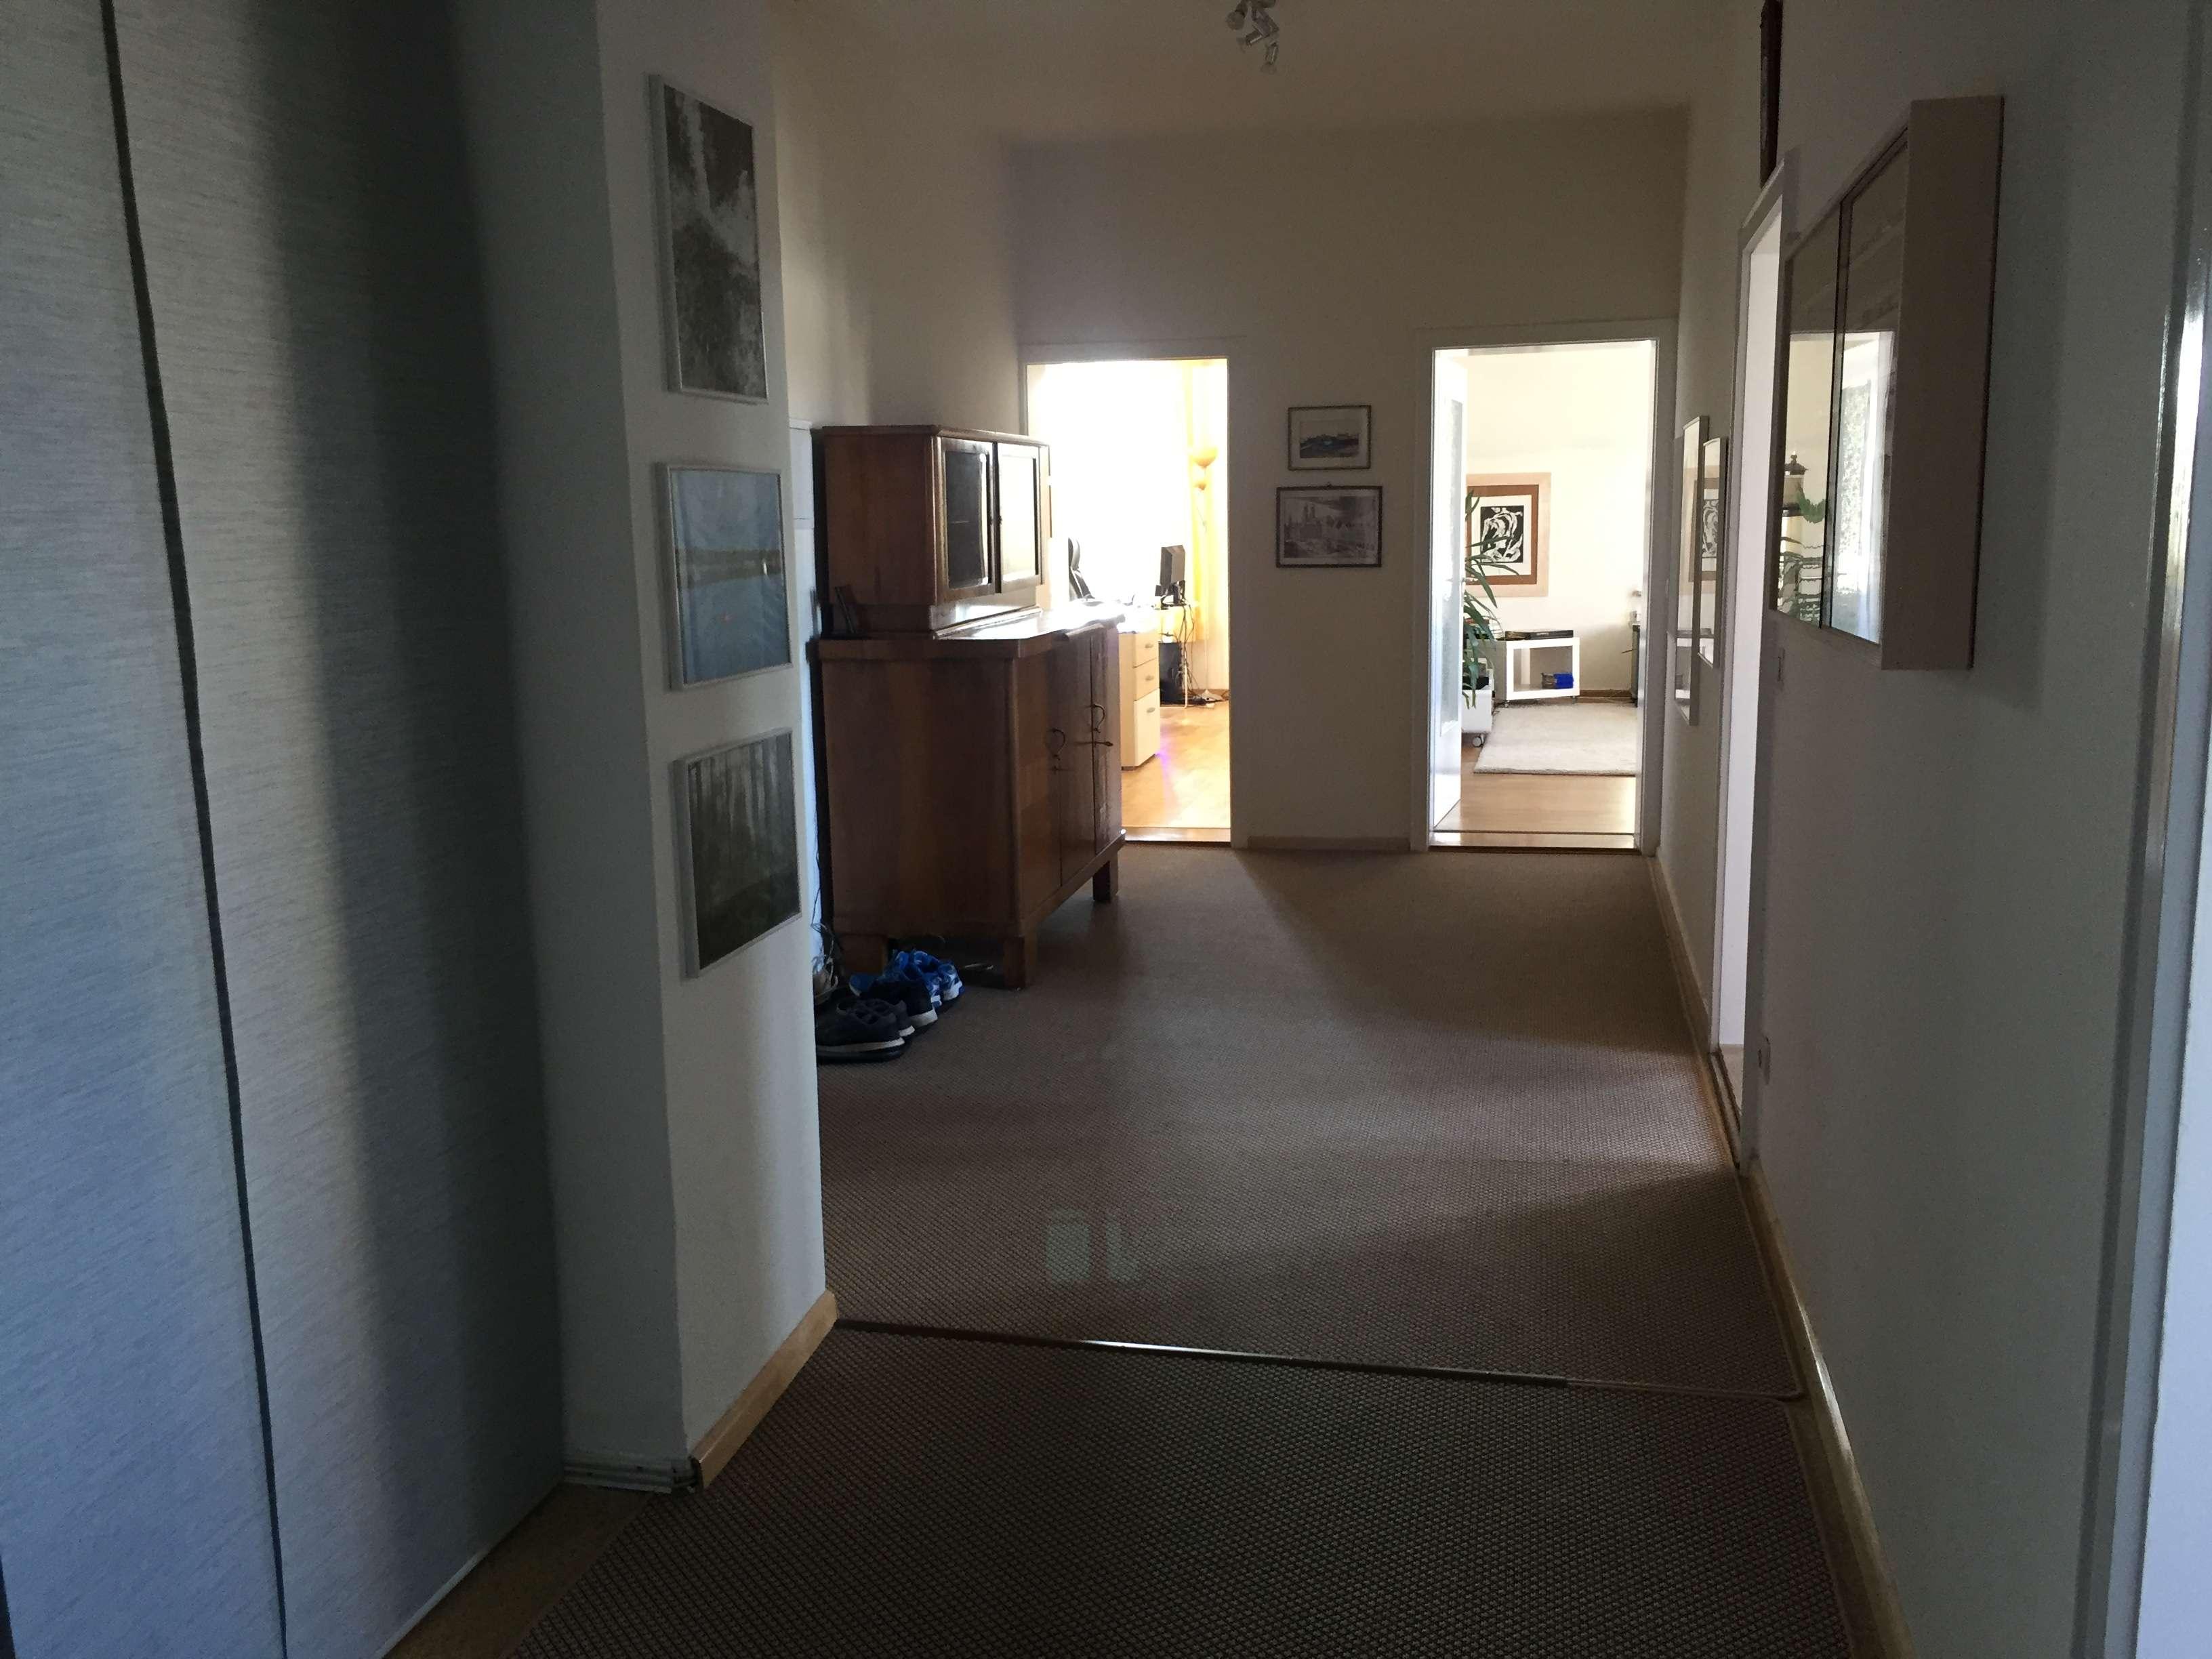 Herrliche Altbauwohnung - 3 Zimmer mit viel Platz!